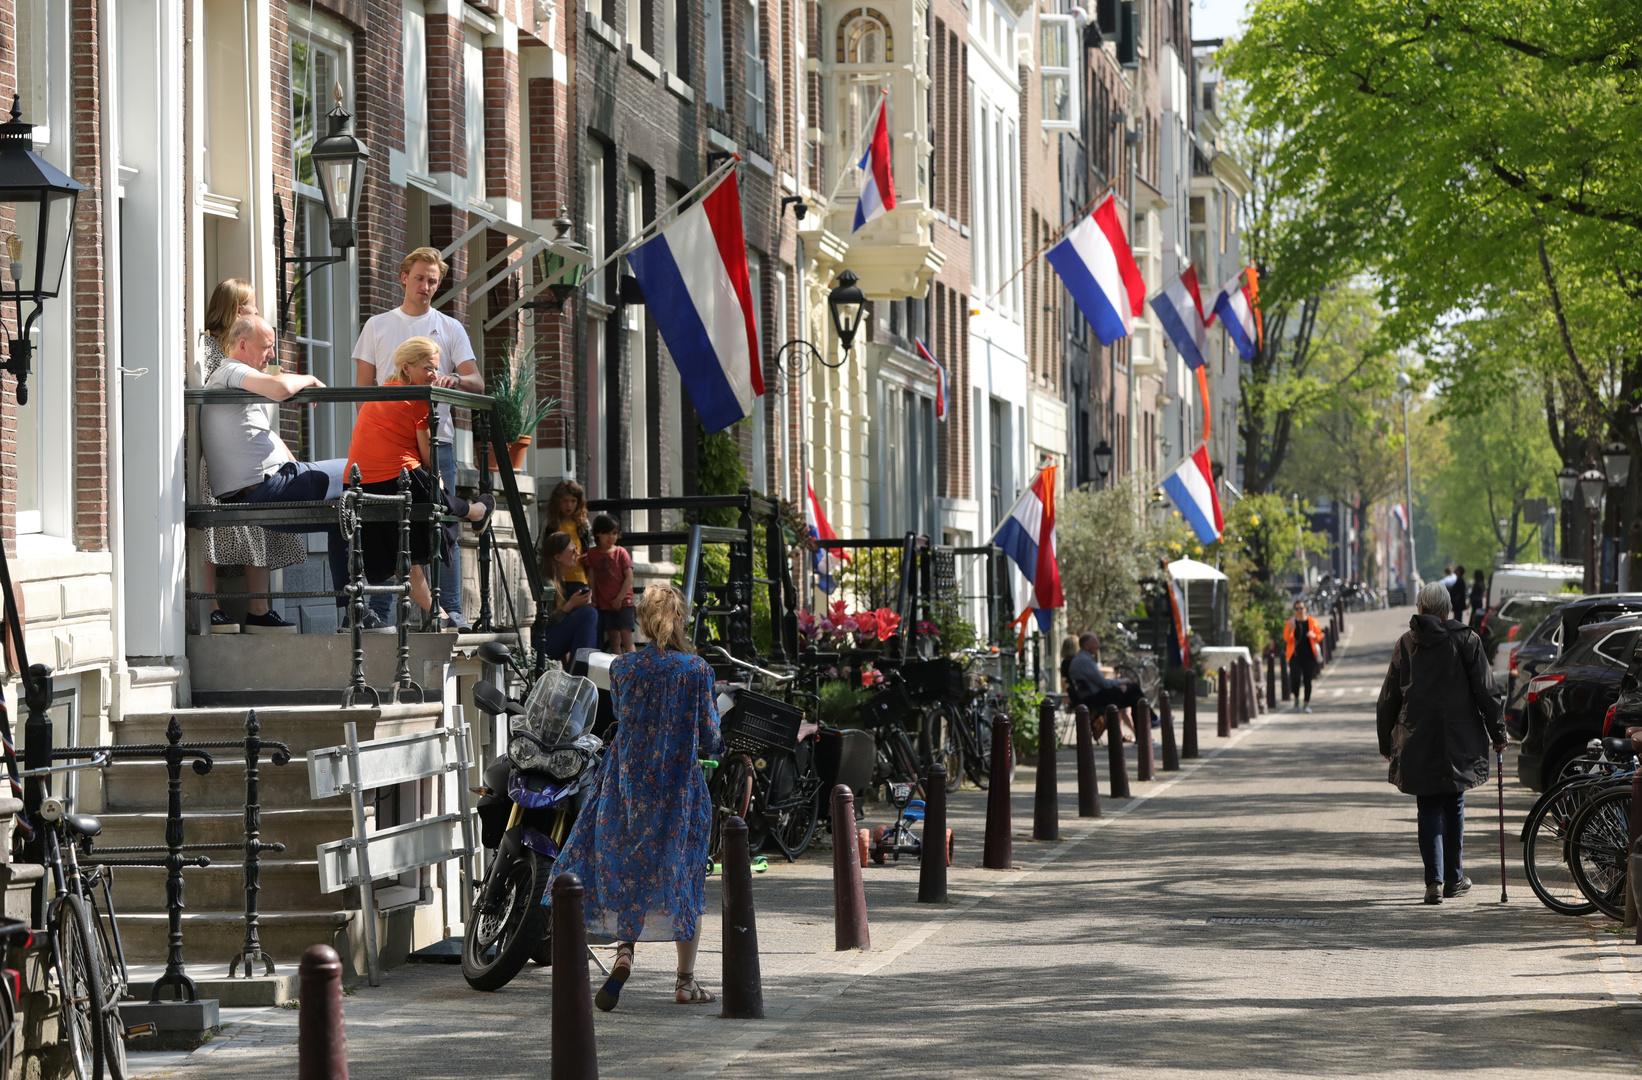 هولندا: المقتنيات المنهوبة في العصور الوسطى ستعود لأصحابها